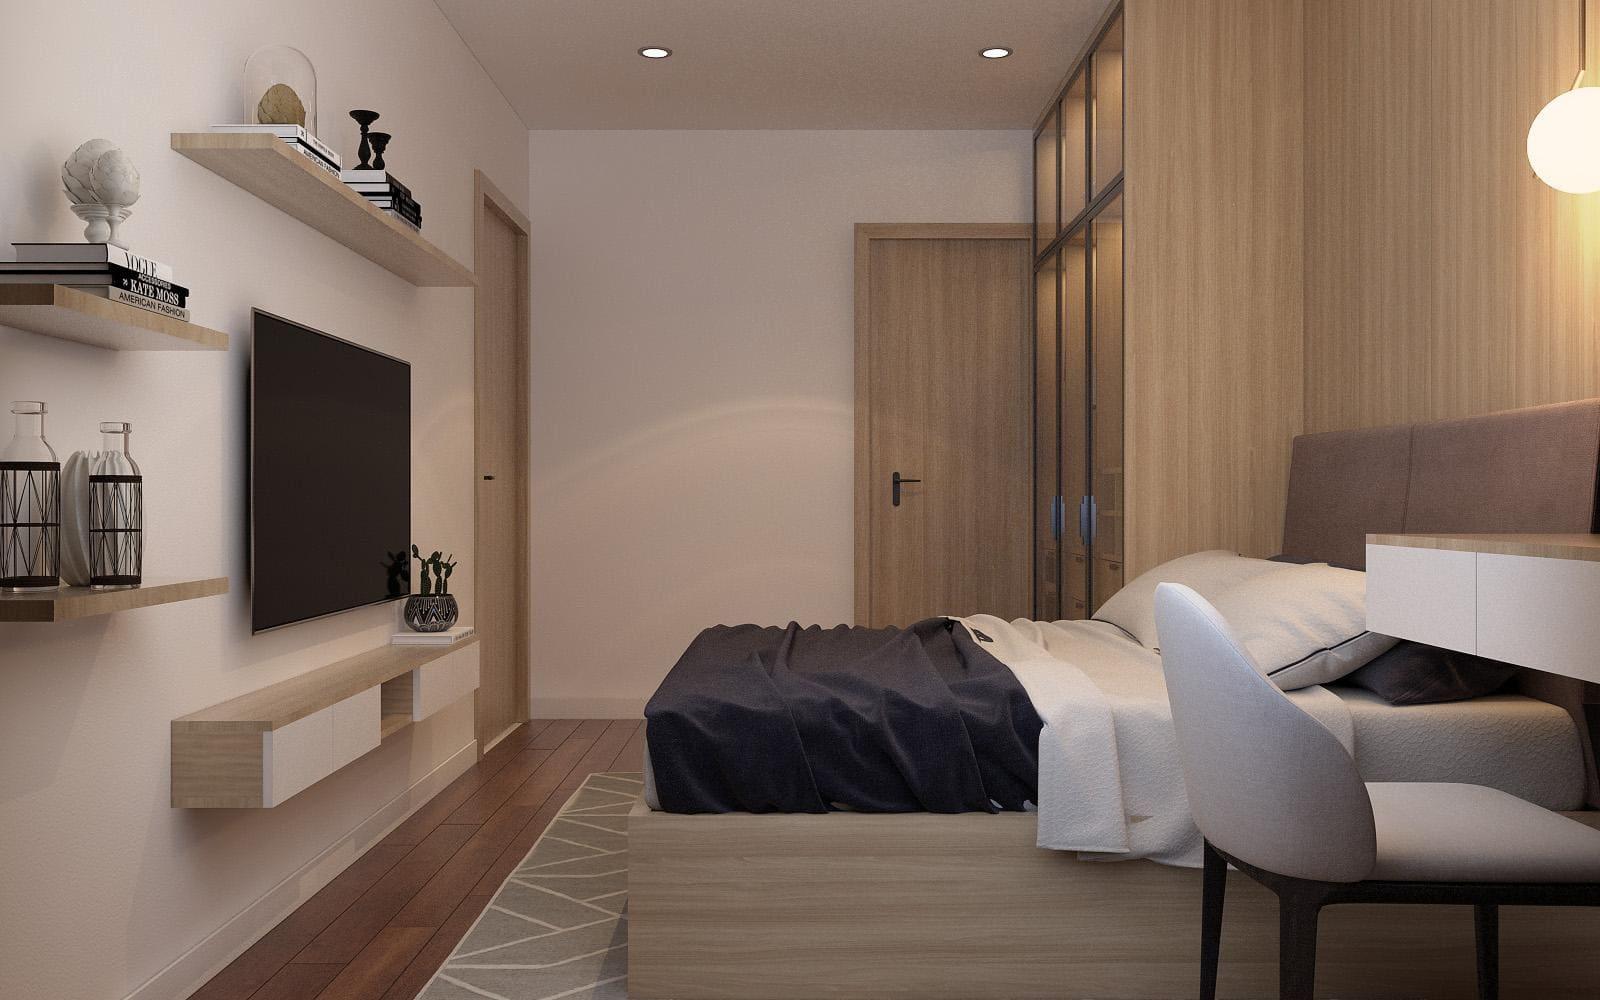 thiết kế nội thát phòng ngủ với gỗ công nghiệp MDF chống ẩm An Cường phủ Melamine